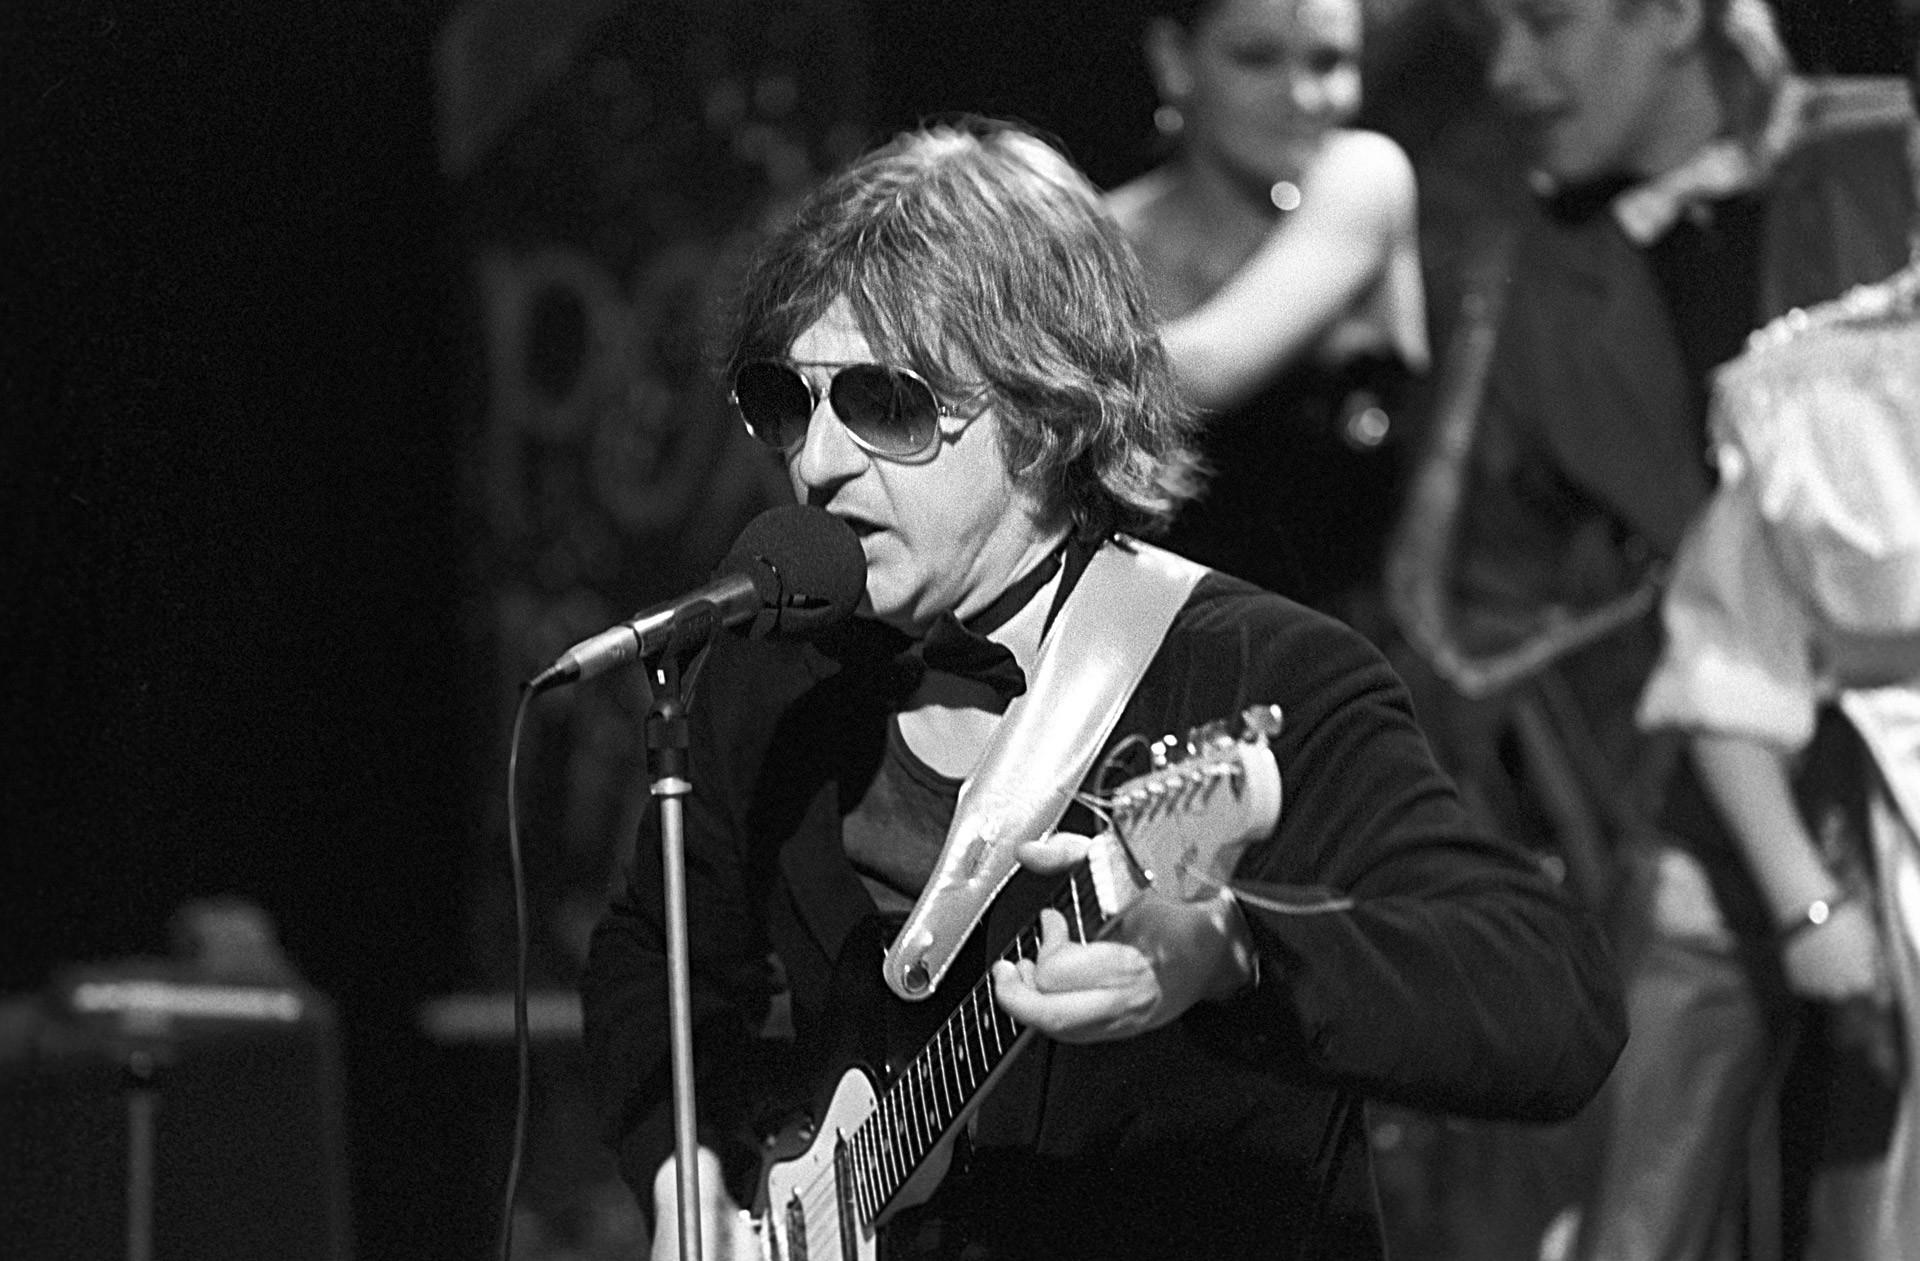 Mike Naumenko, líder fundador da banda de rock Zoopark, em São Petersburgo, em 1987.